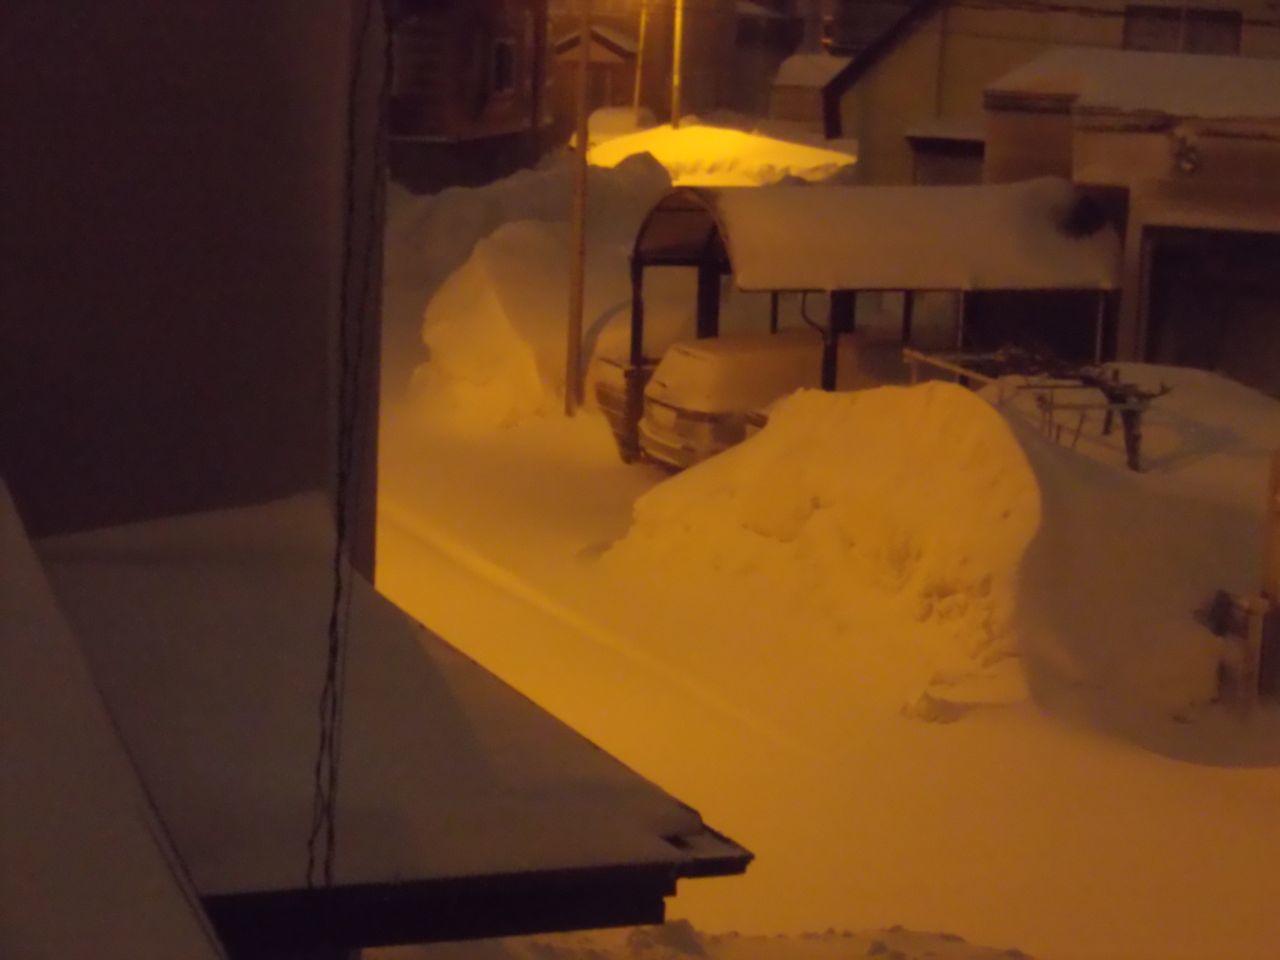 真冬日に吹雪が追加された_c0025115_22273705.jpg